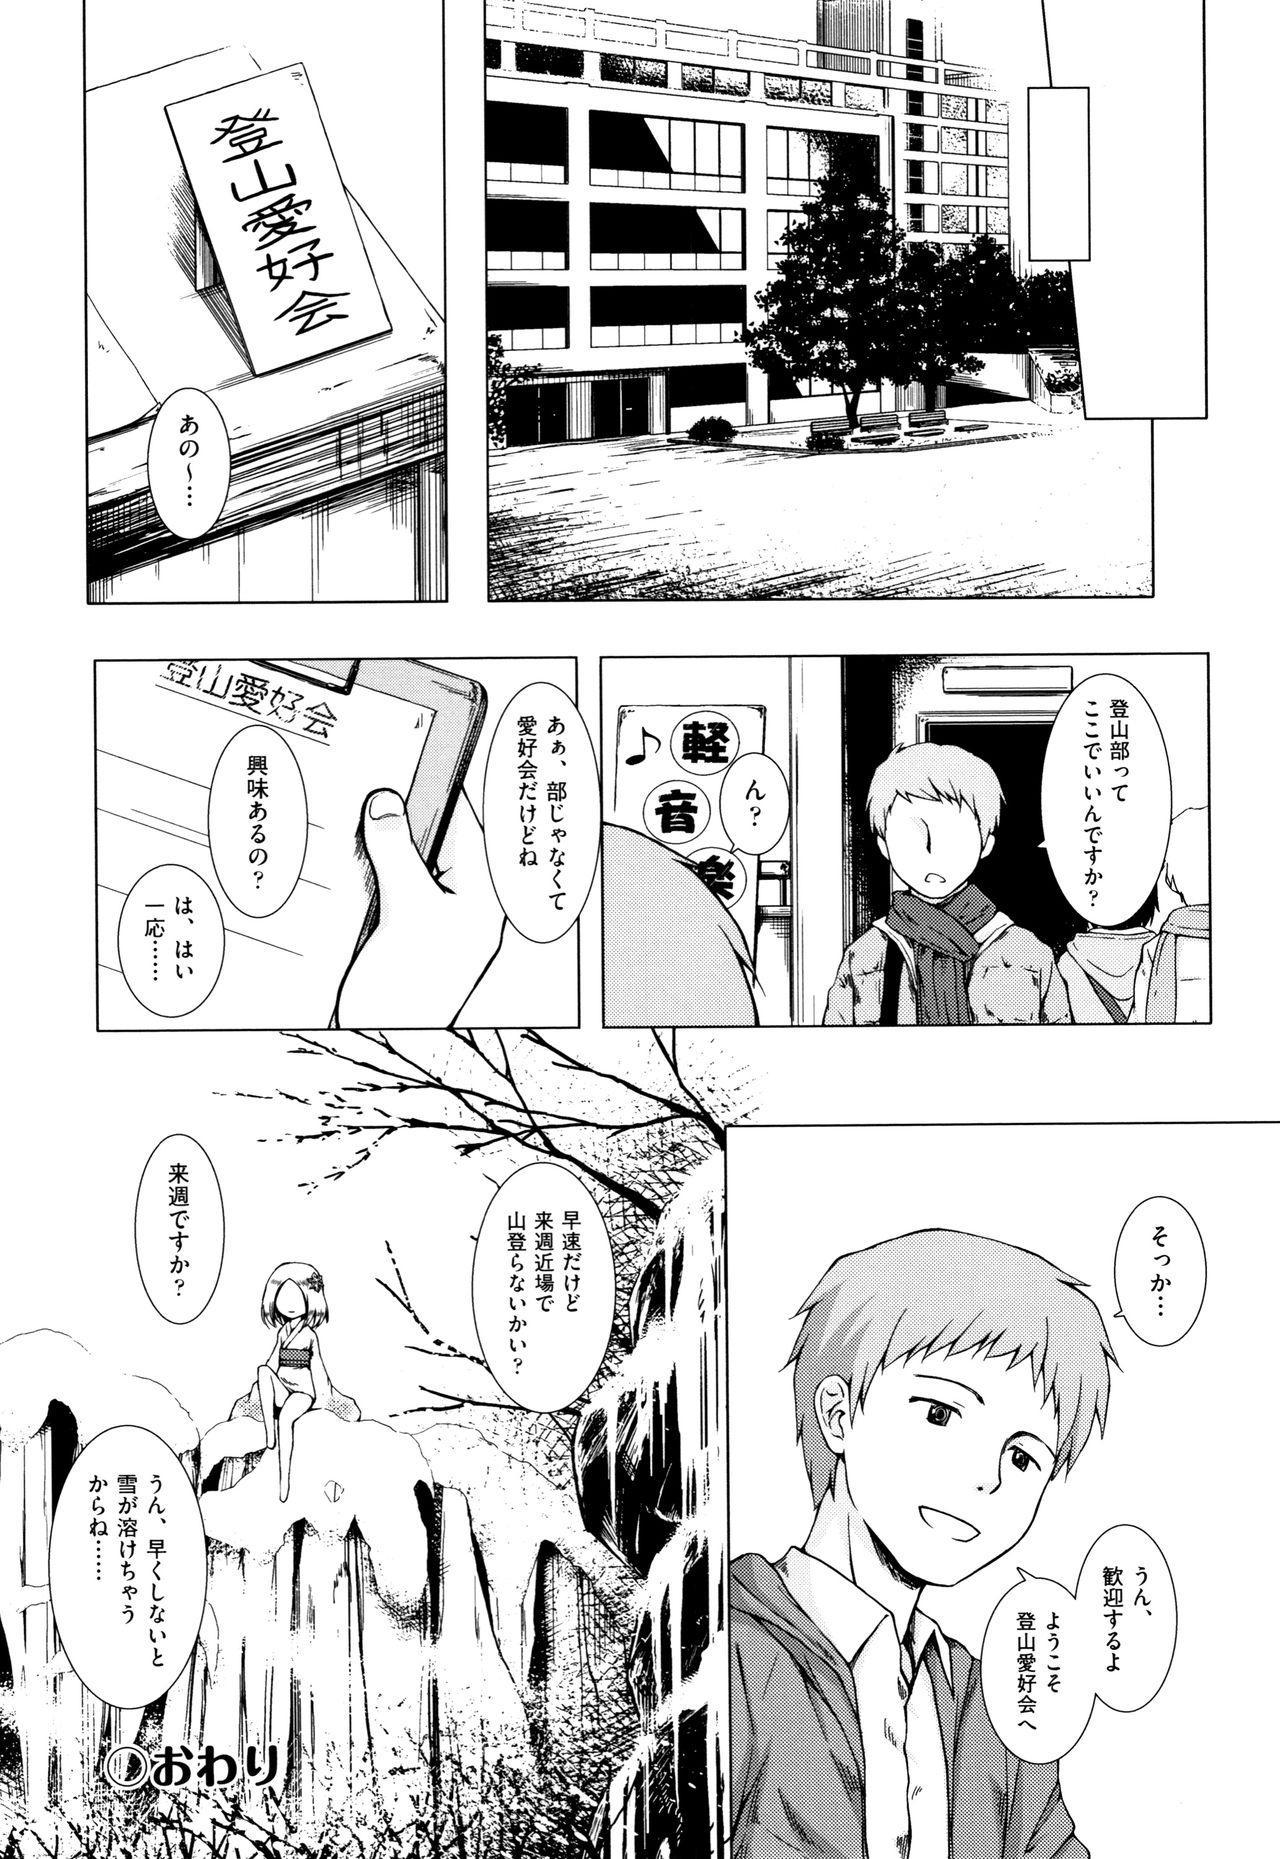 Monokemono 179